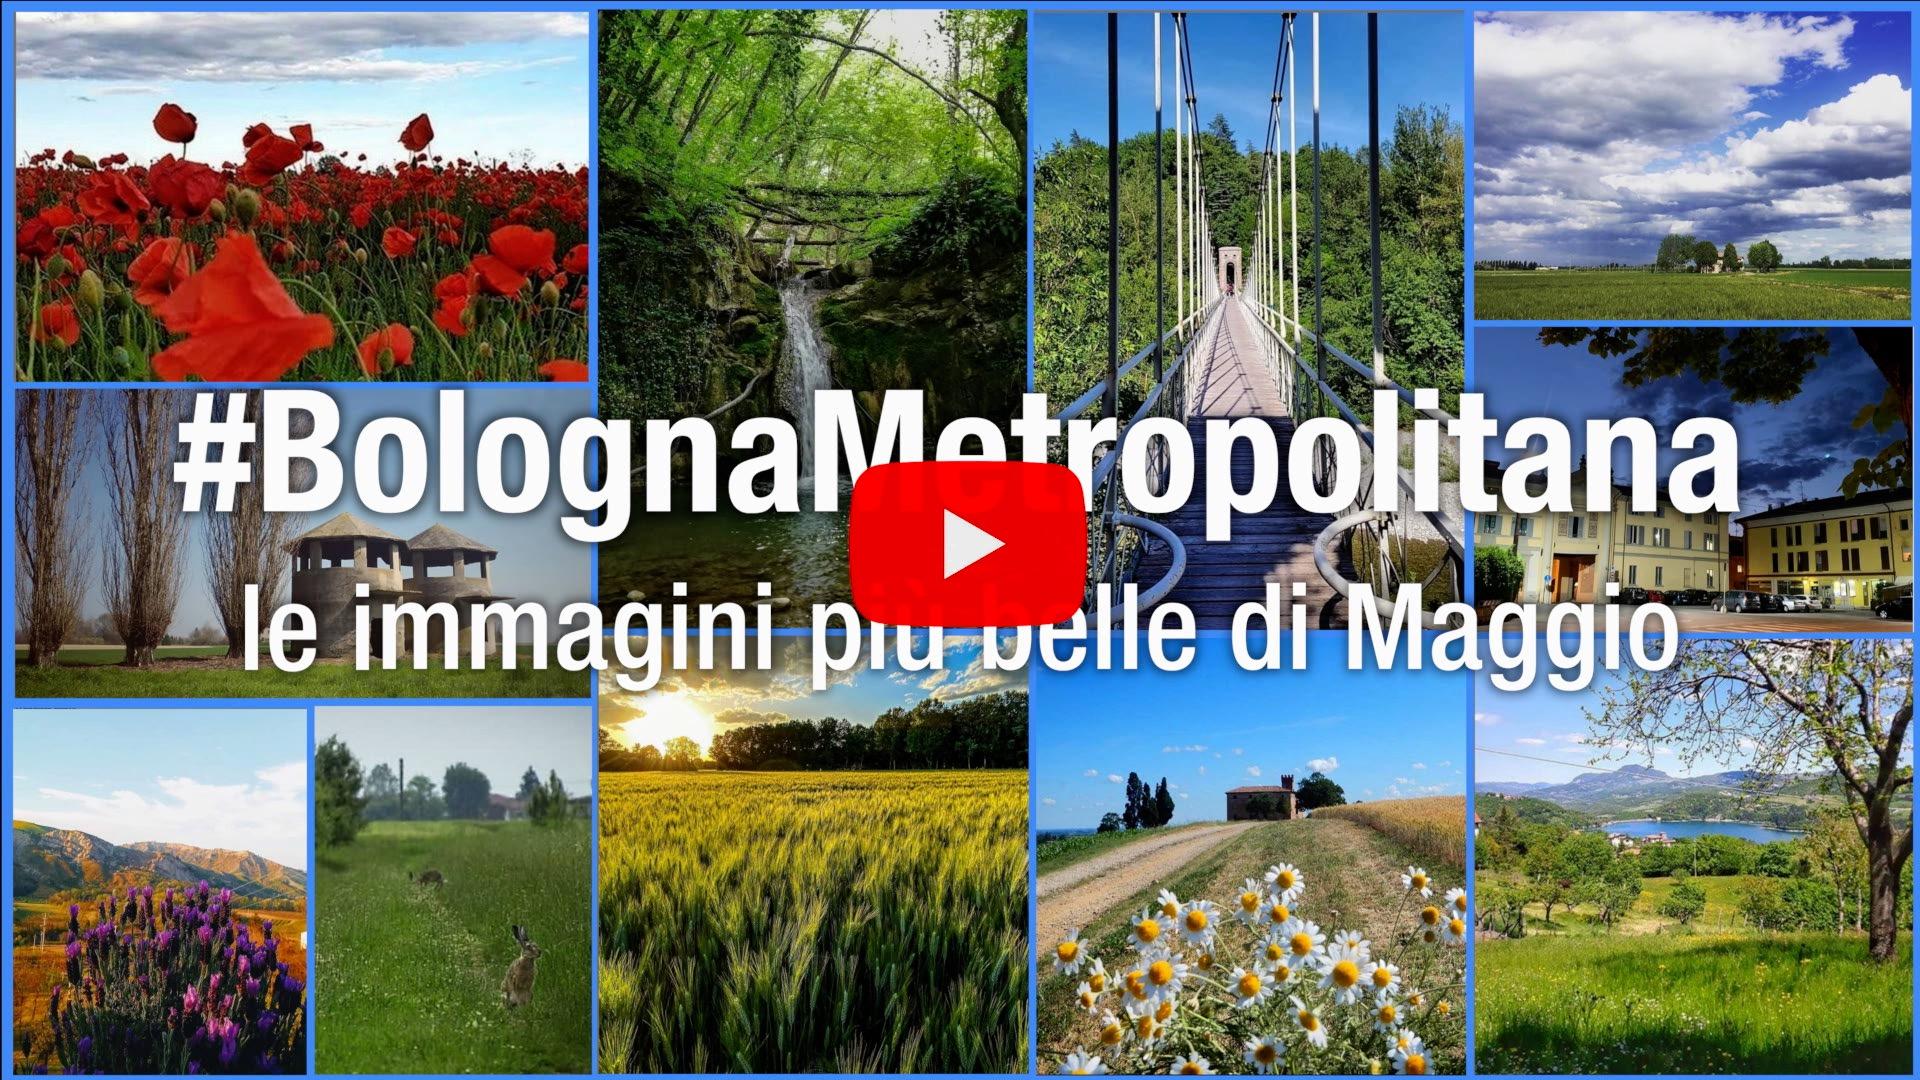 #BolognaMetropolitana - Le immagini più belle di maggio 2020